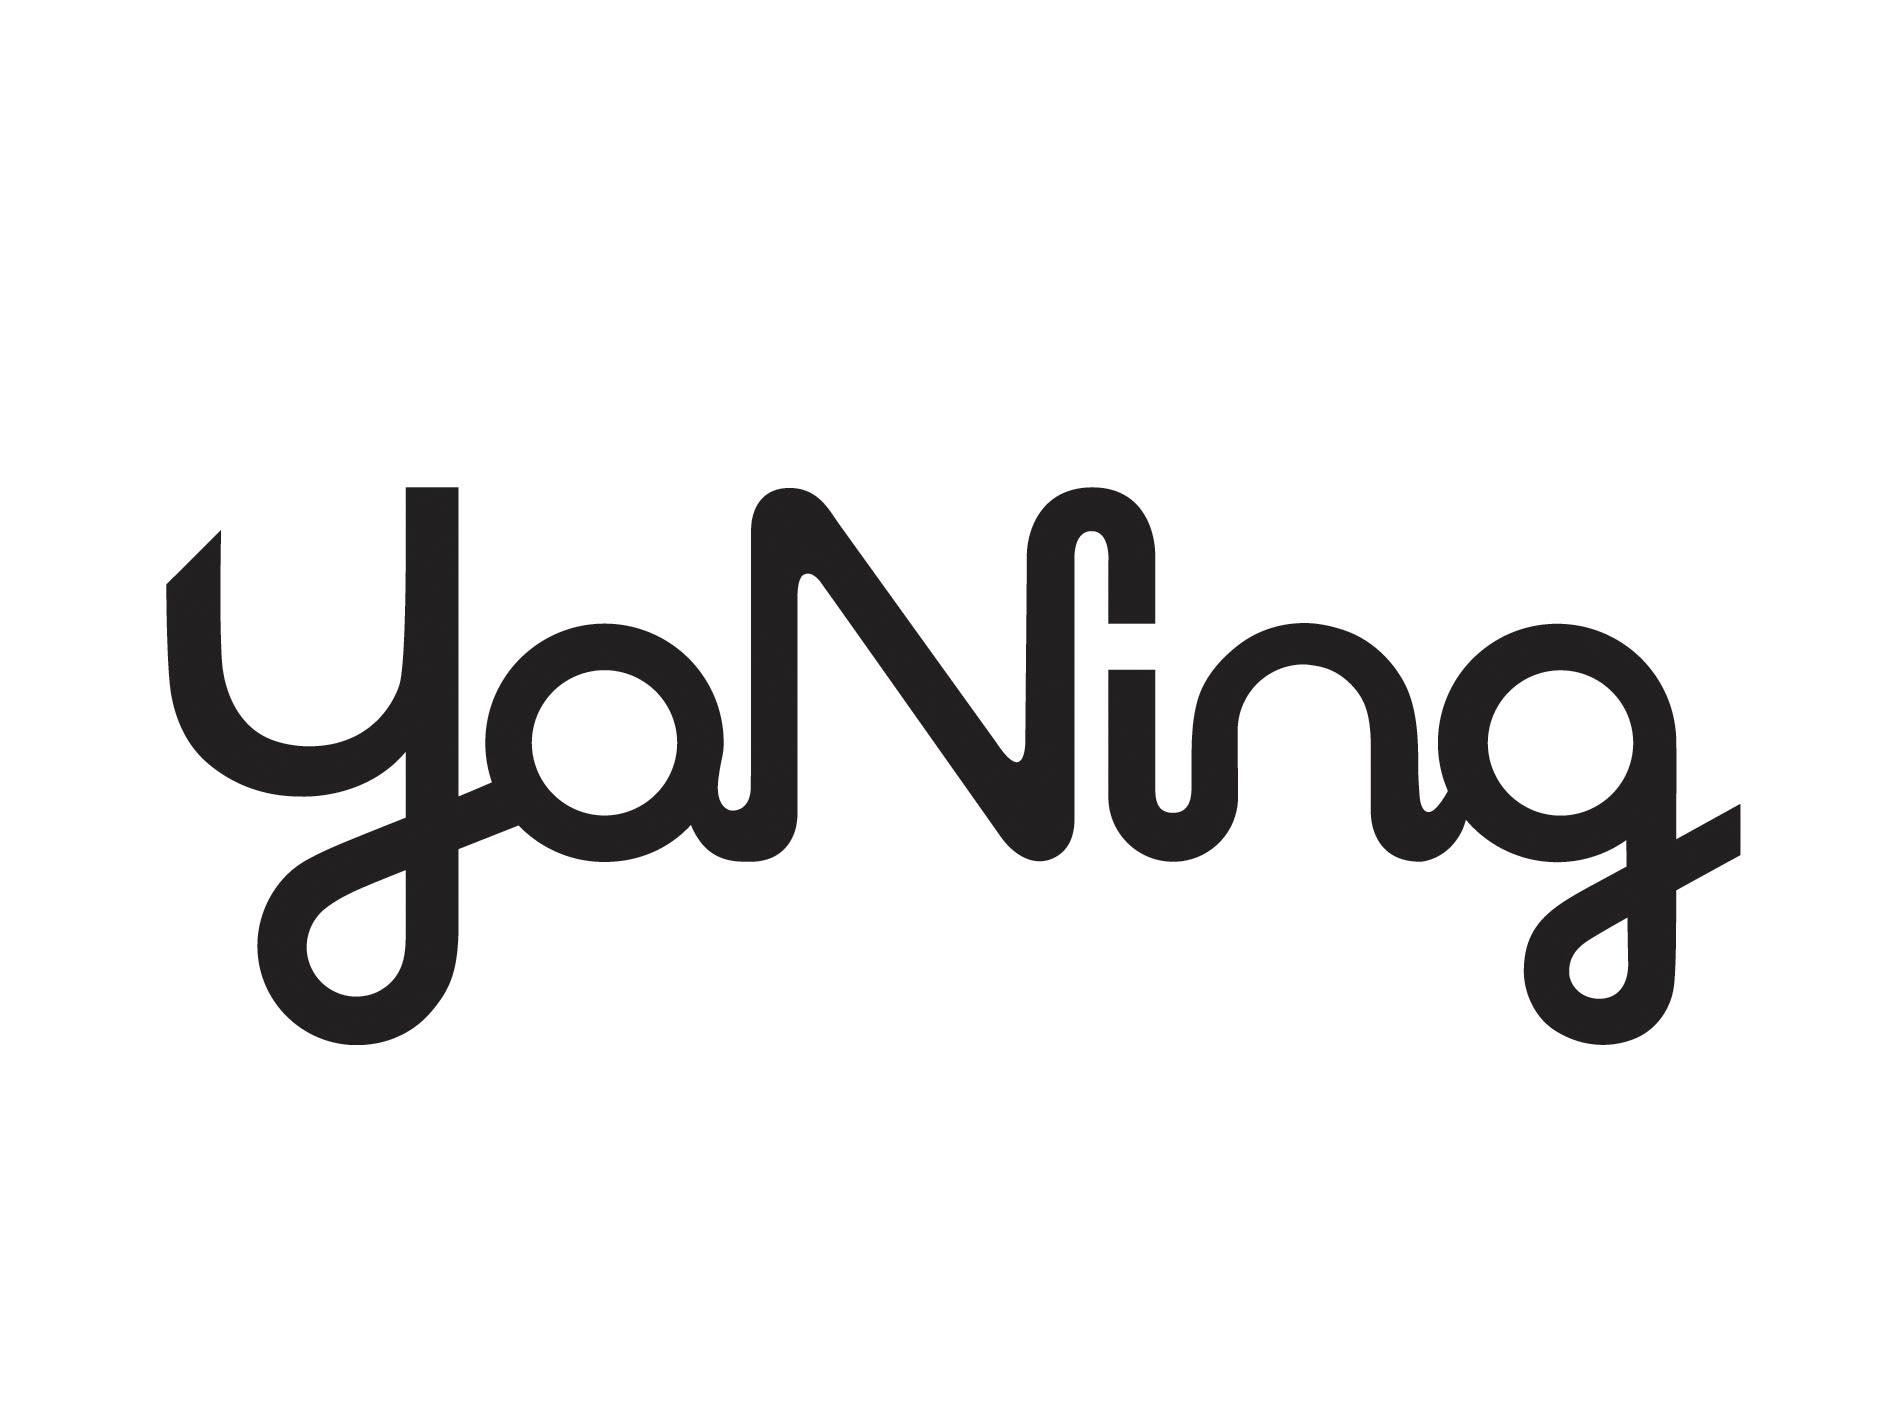 YaNing Chuang